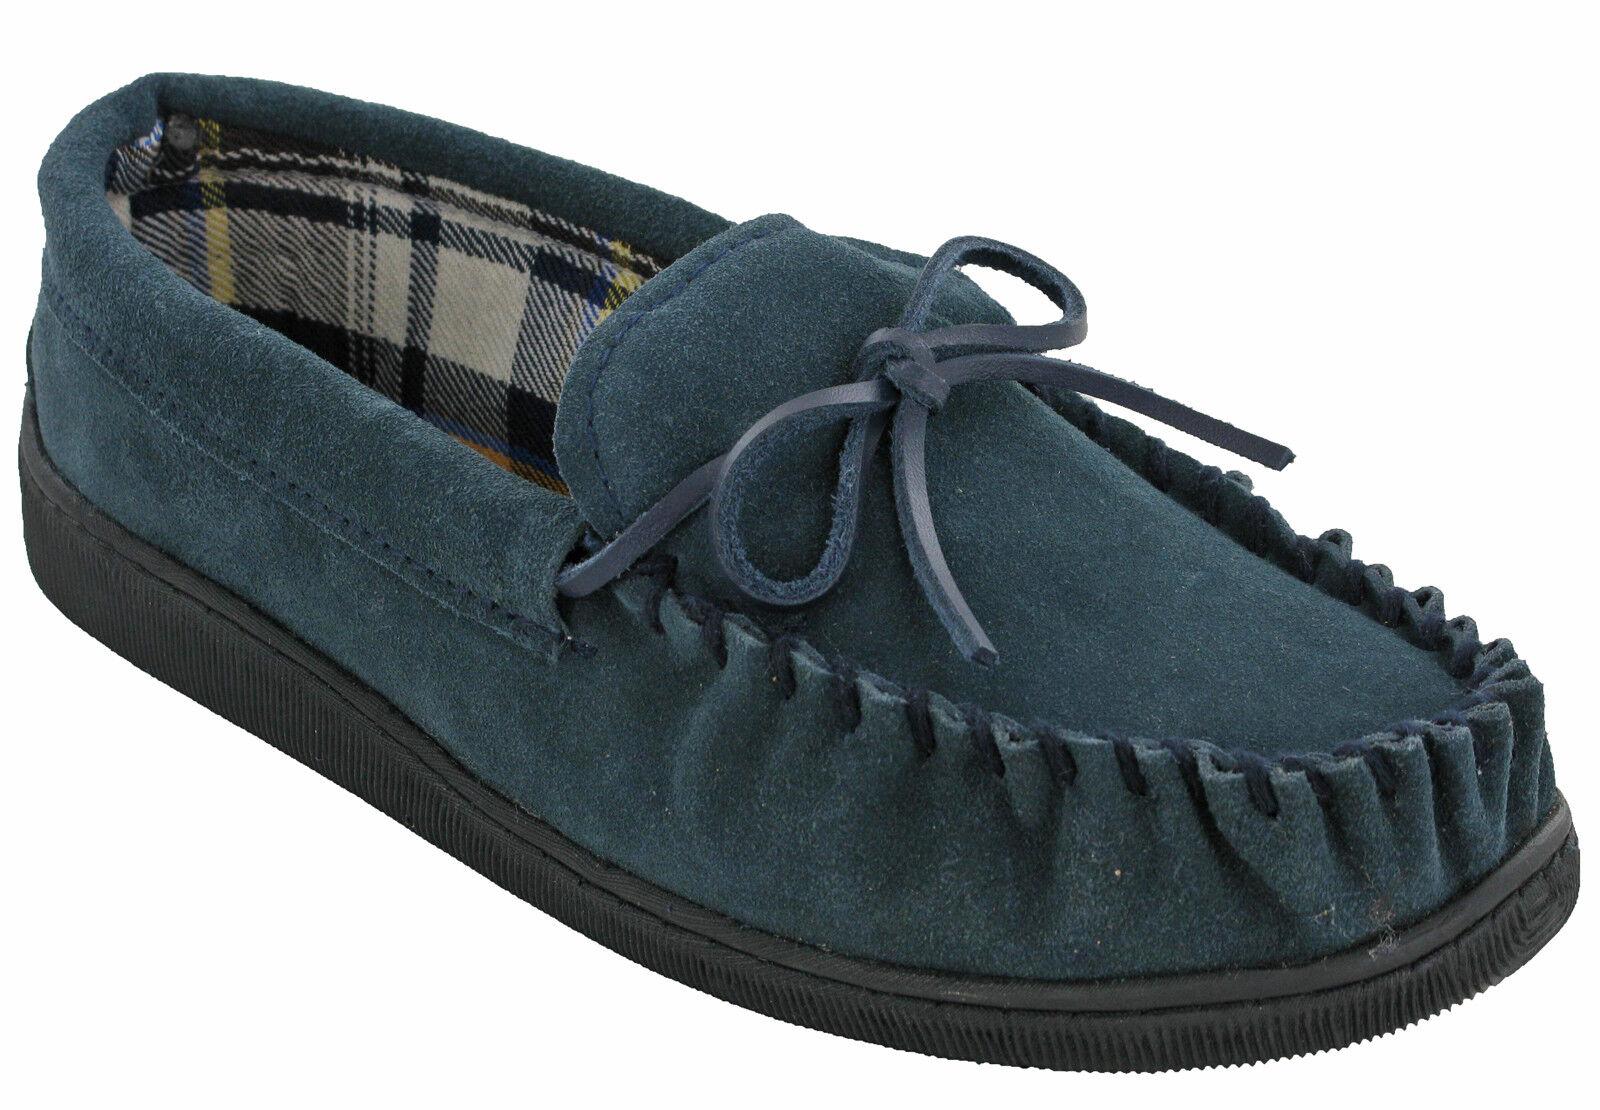 289e67f4cf755 Foderato in pelle mens mocassino Pantofole Soft cuscino passeggiata  invernale al coperto all aperto